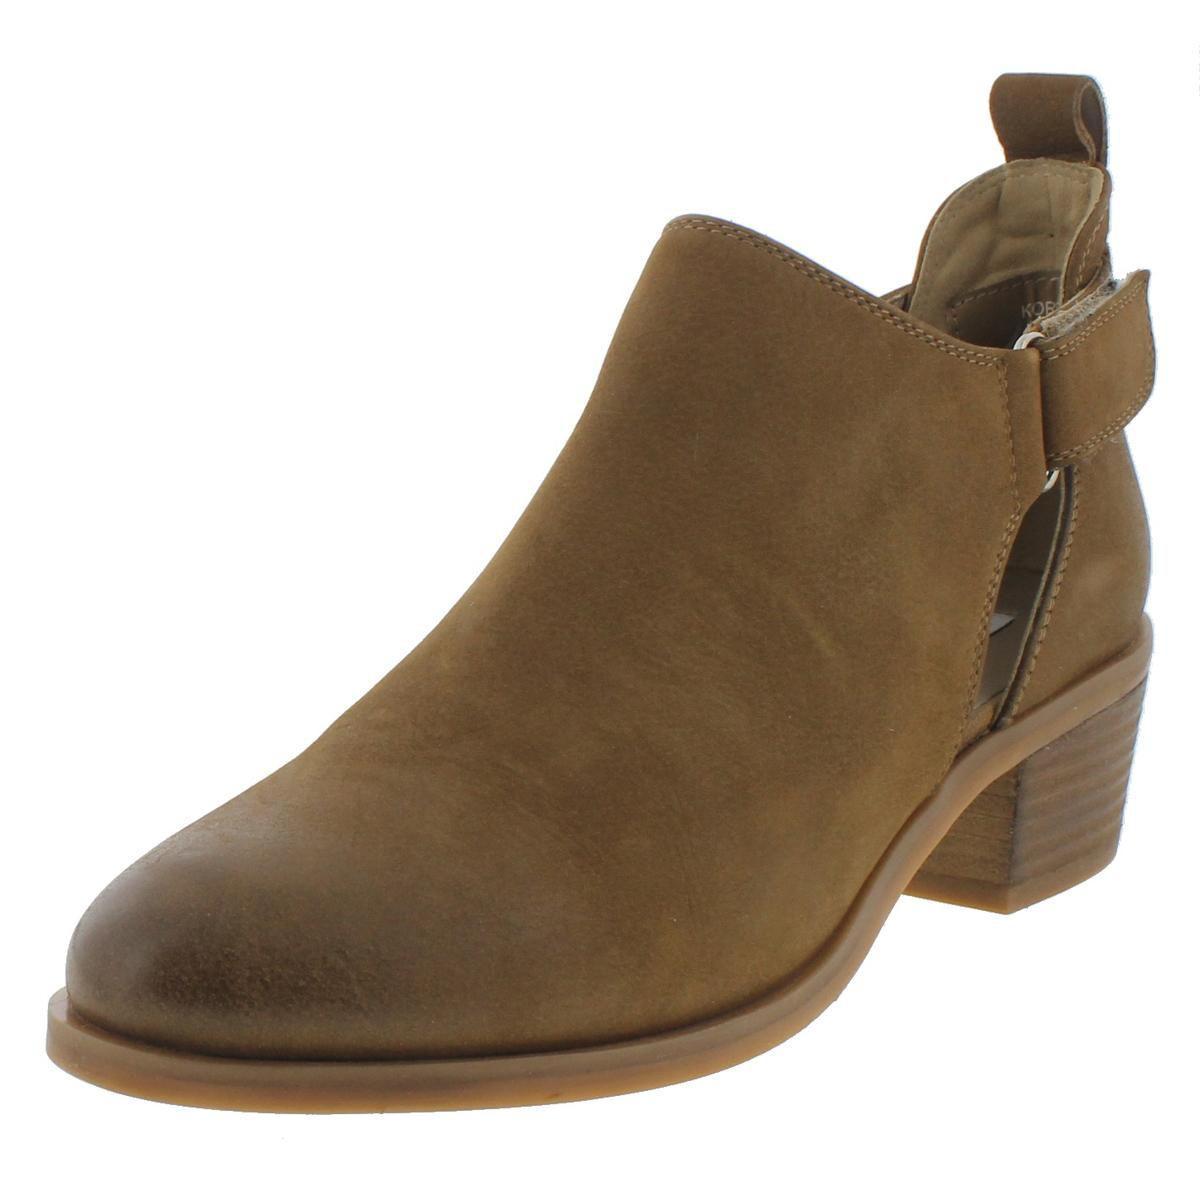 fdd5f322fcbd Lyst - Steve Madden Womens Korbyn Shootie Almond Toe Ankle Boots in ...